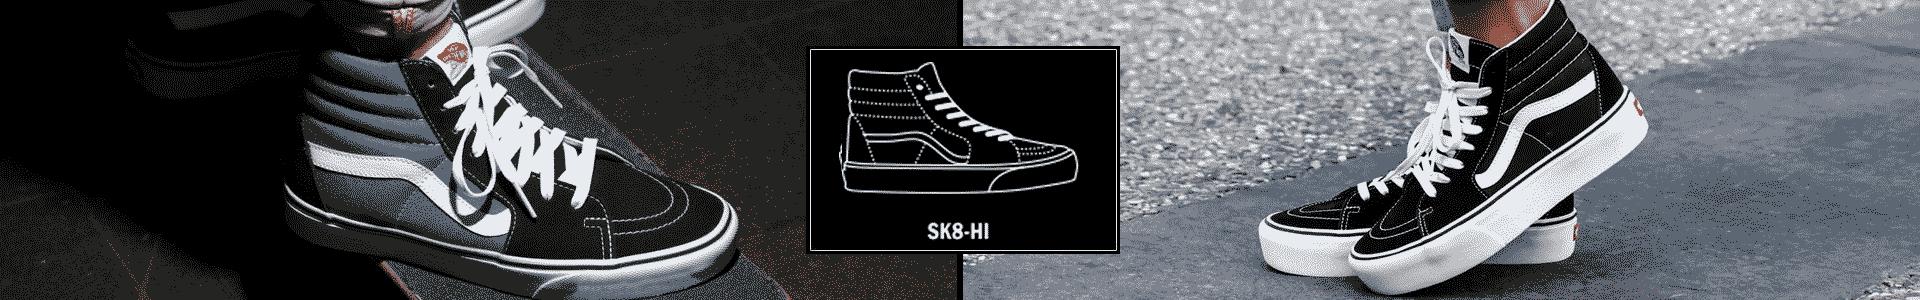 Vans Sk8 Hi Banner